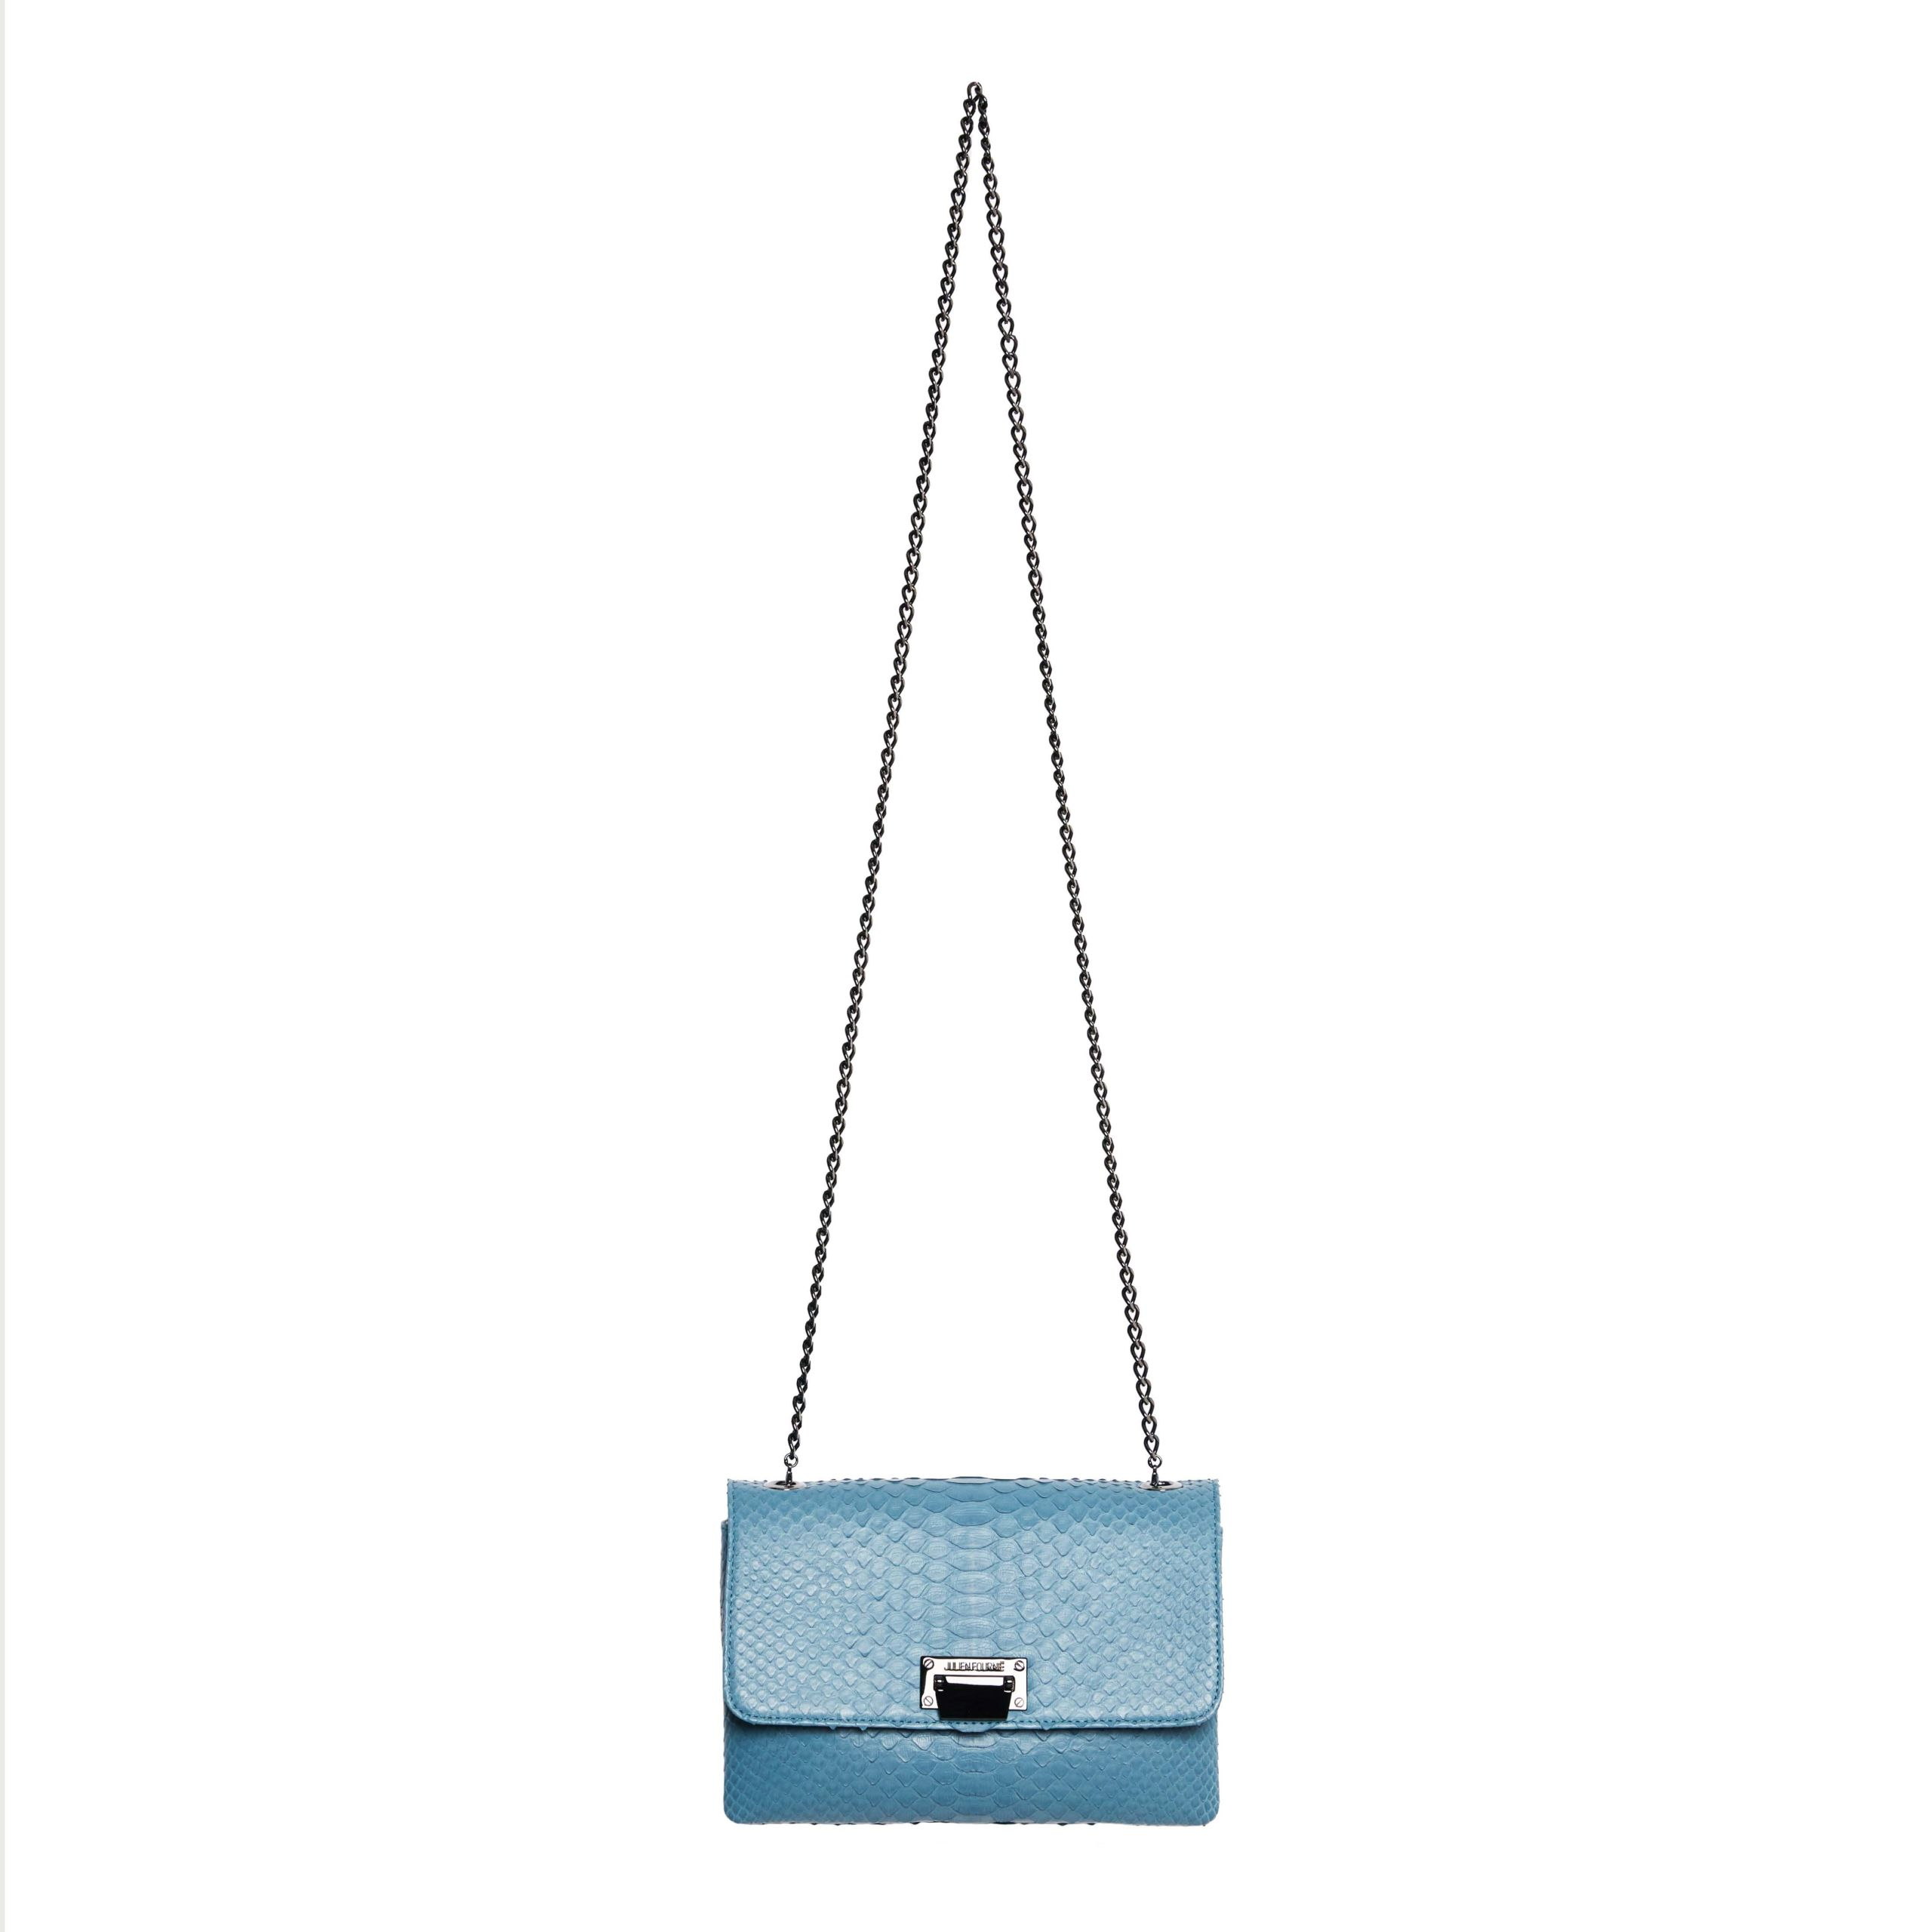 Blue handbag Julien Fournié Haute Couture Handbag